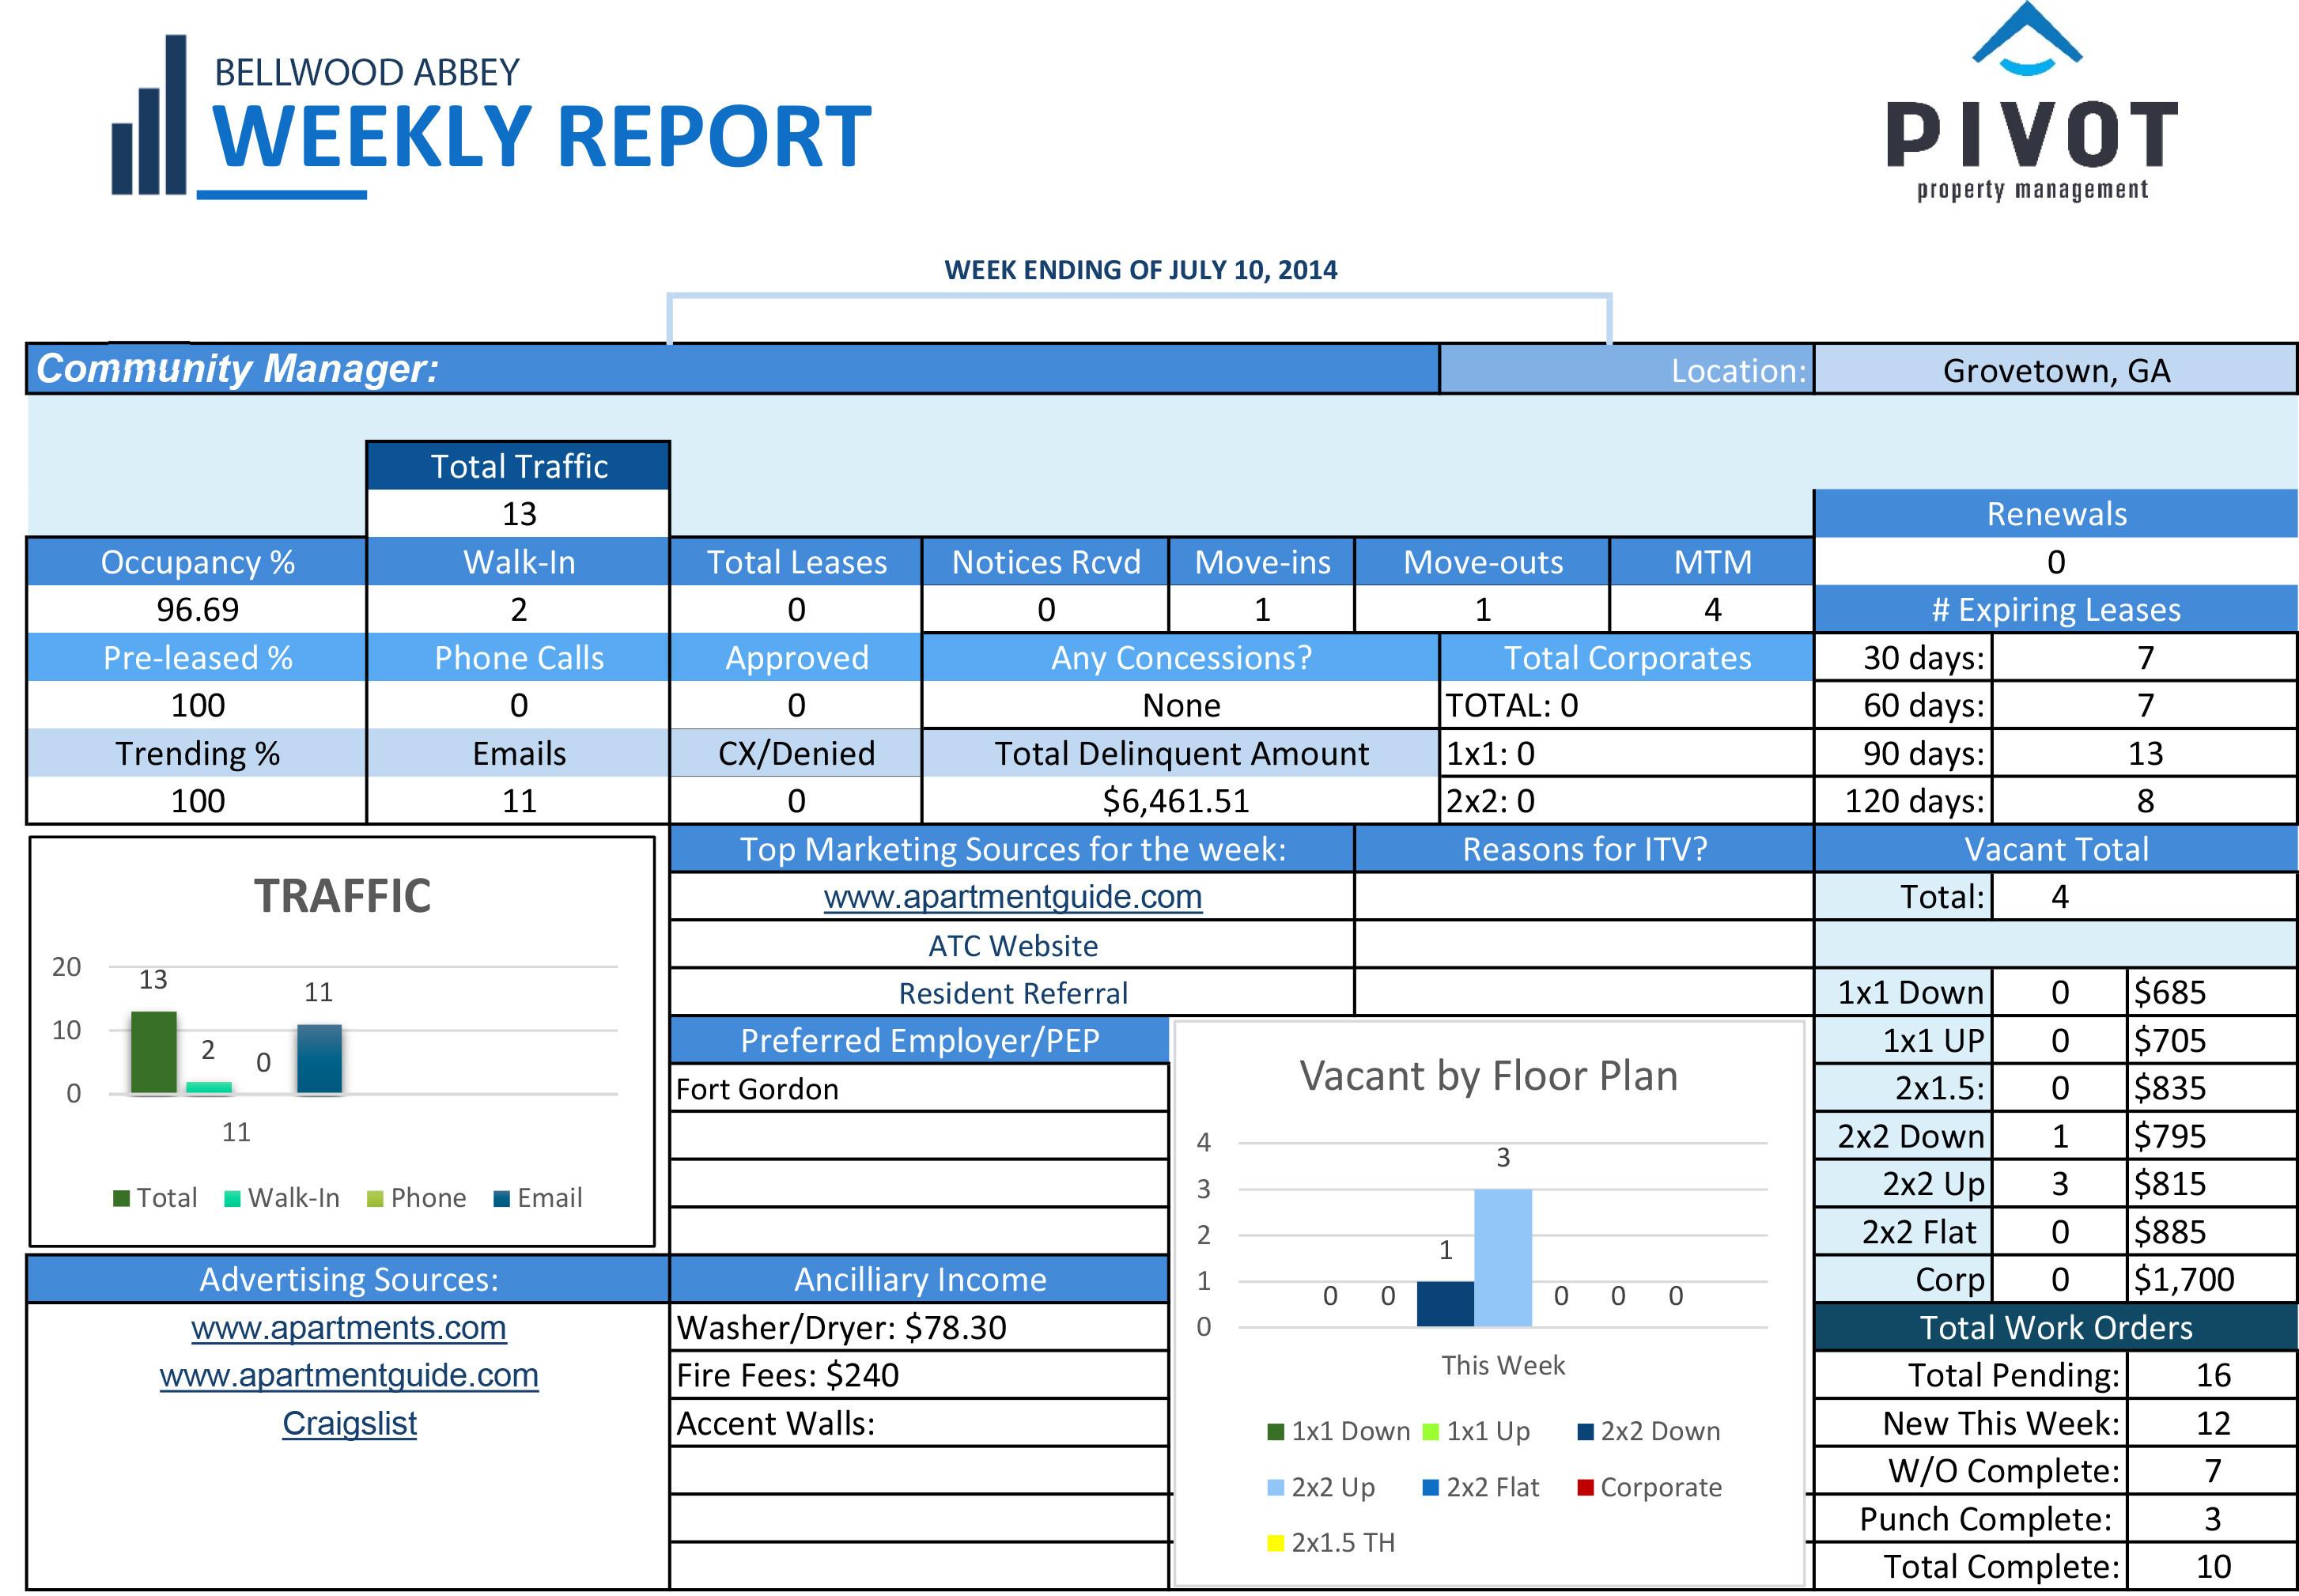 Rental Property Tracker Spreadsheet Inside Lead Tracking Spreadsheet Fresh Rental Property Tracker Spreadsheet